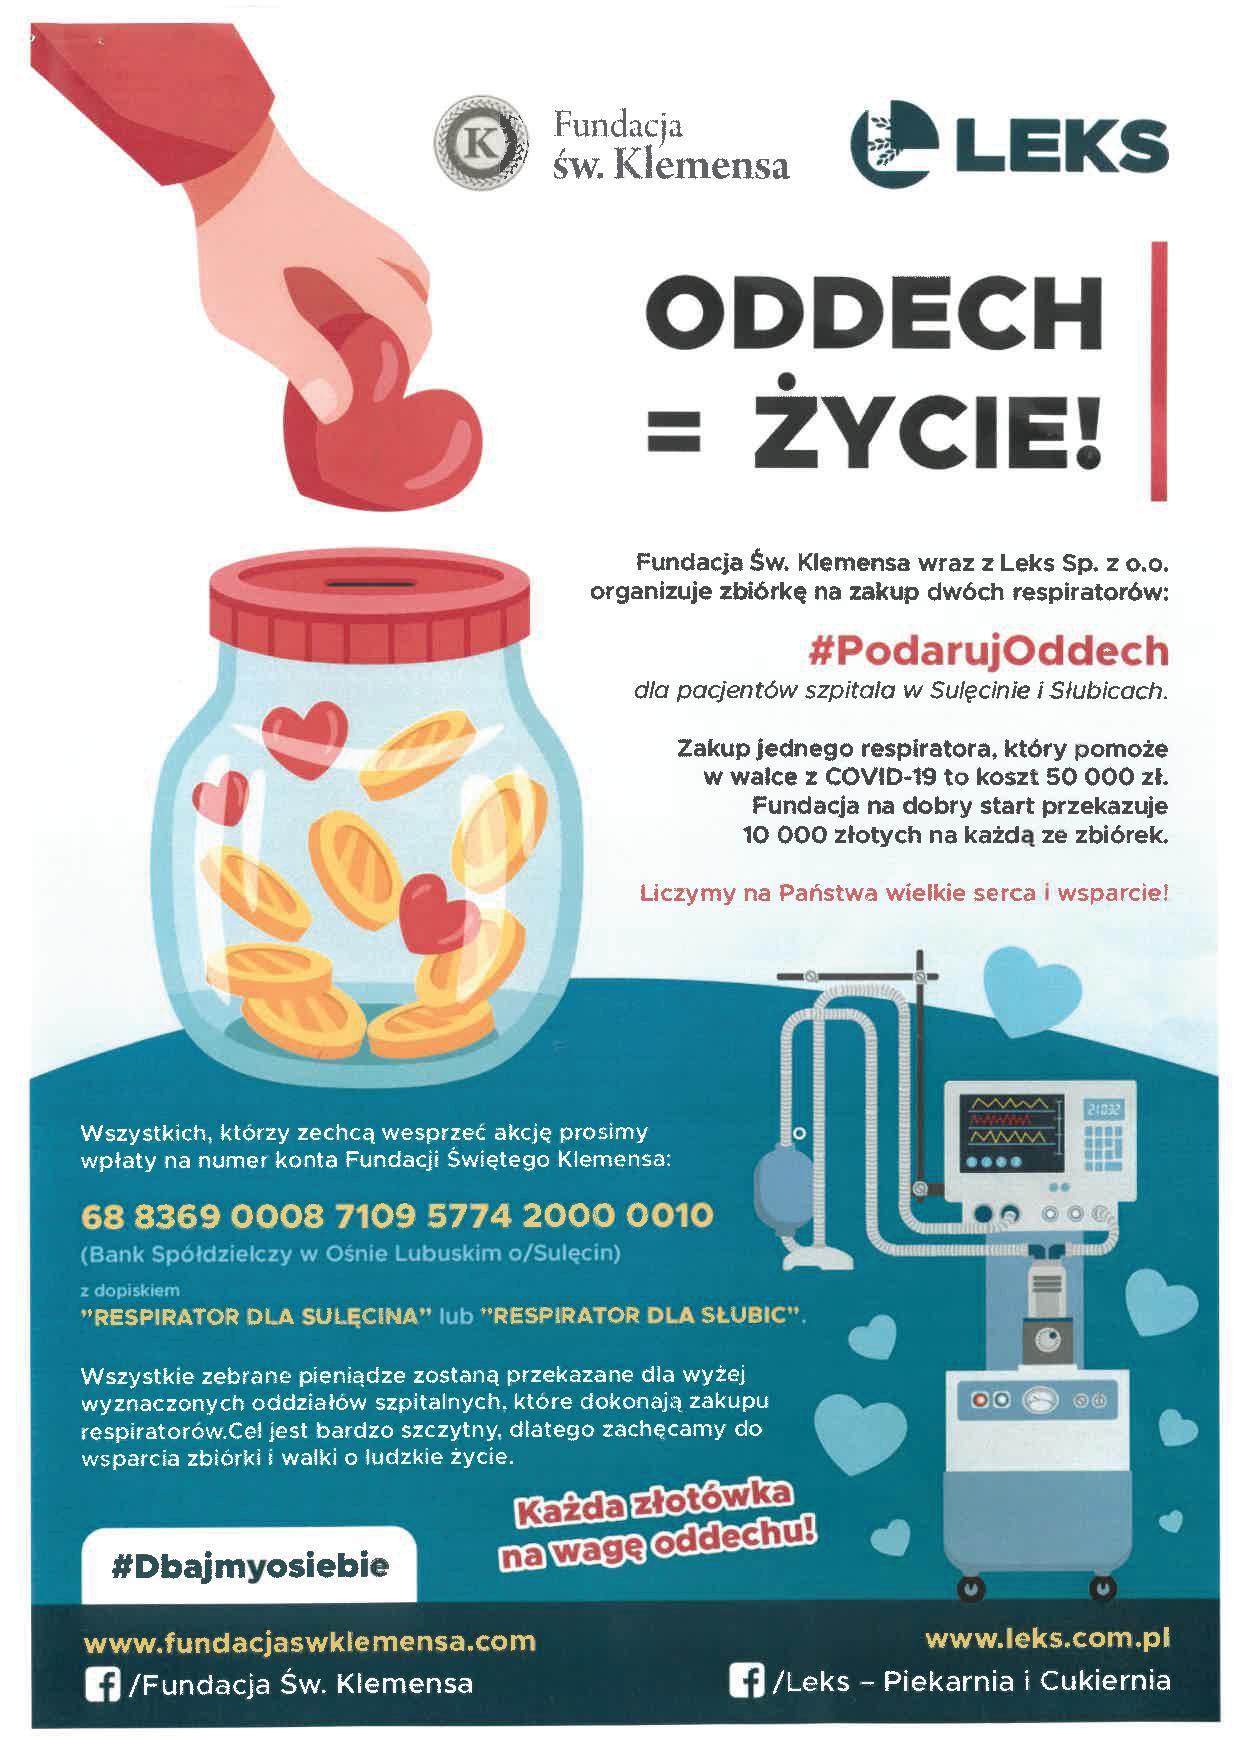 """Ilustracja do informacji: """"Oddech = Życie"""" Zbiórka na zakup respiratorów dla pacjentów szpitala w Sulęcinie i Słubicach"""